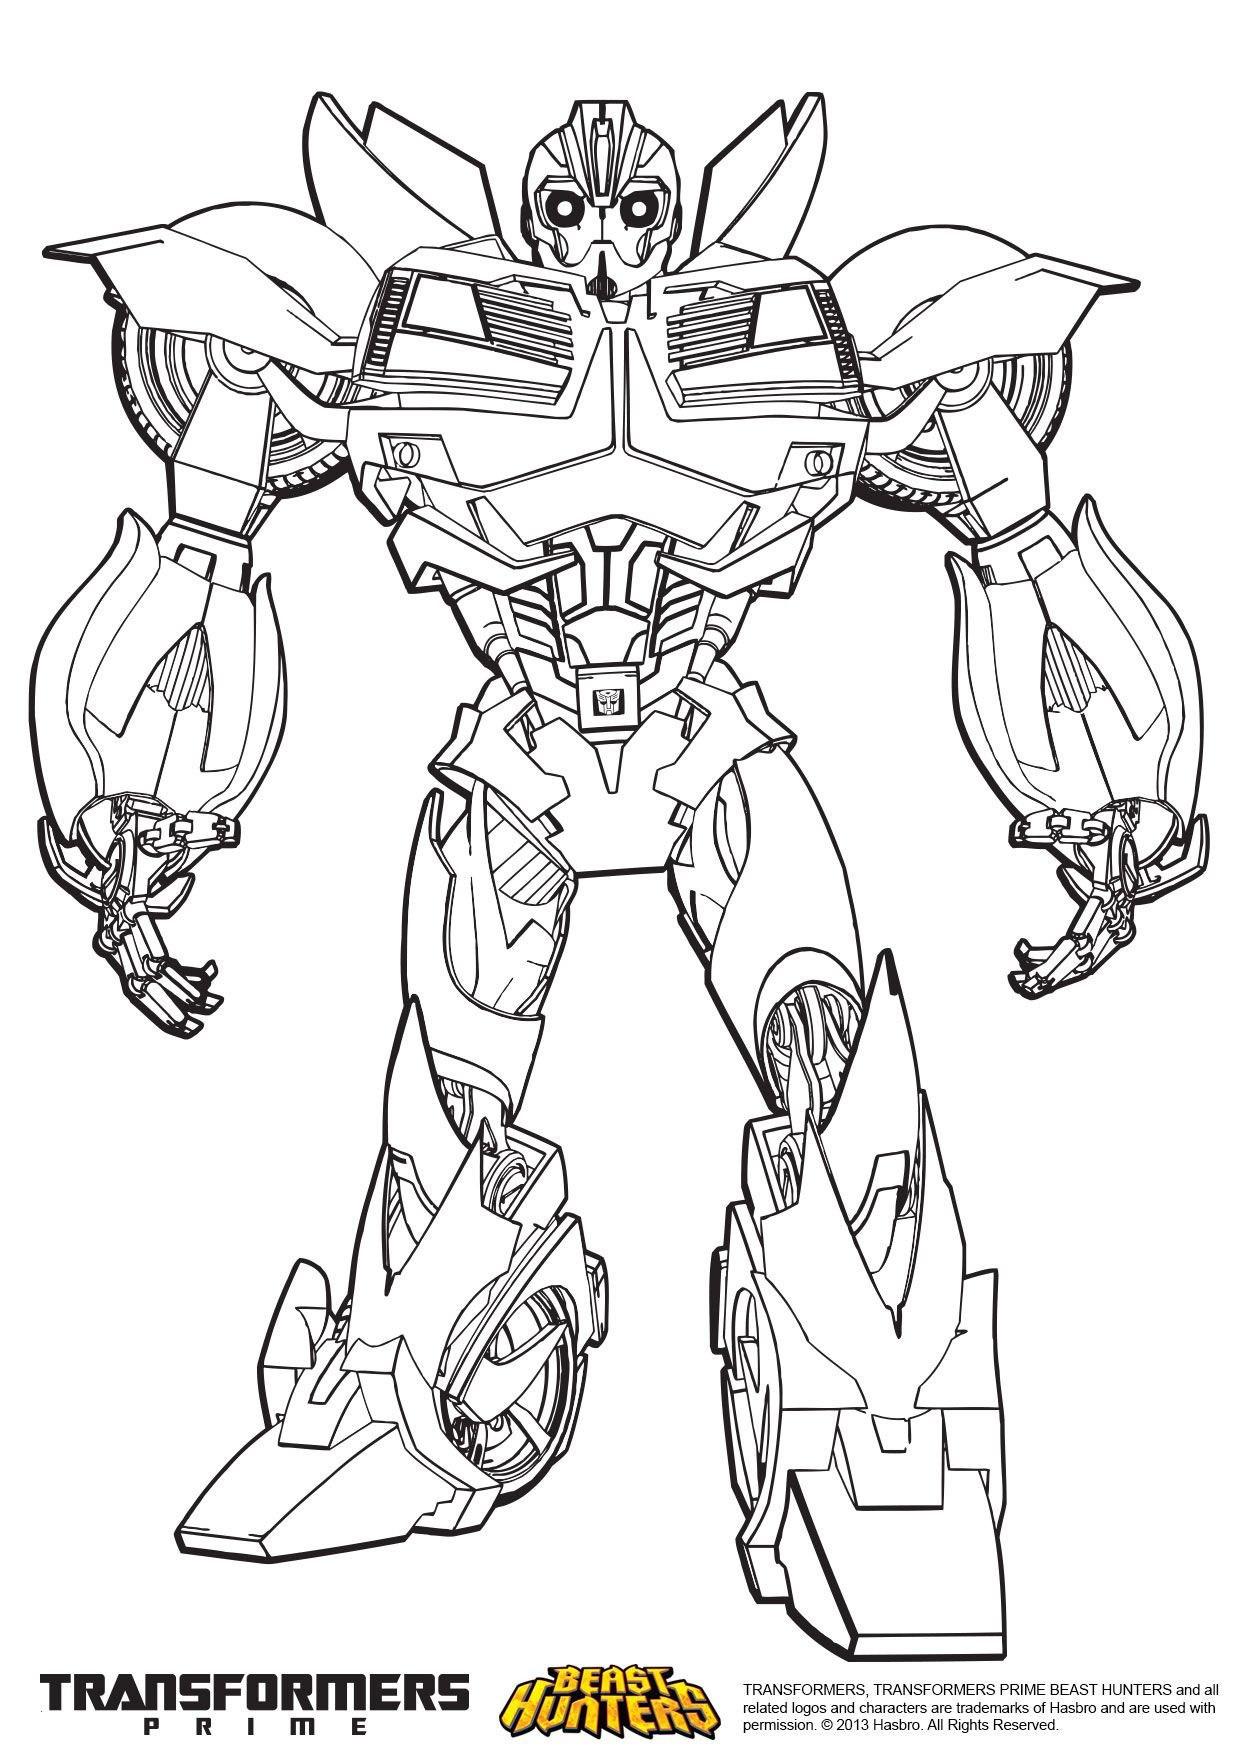 Ausmalbilder Transformers Optimus Prime Genial 40 Ausmalbilder Transformers Optimus Prime Scoredatscore Bild